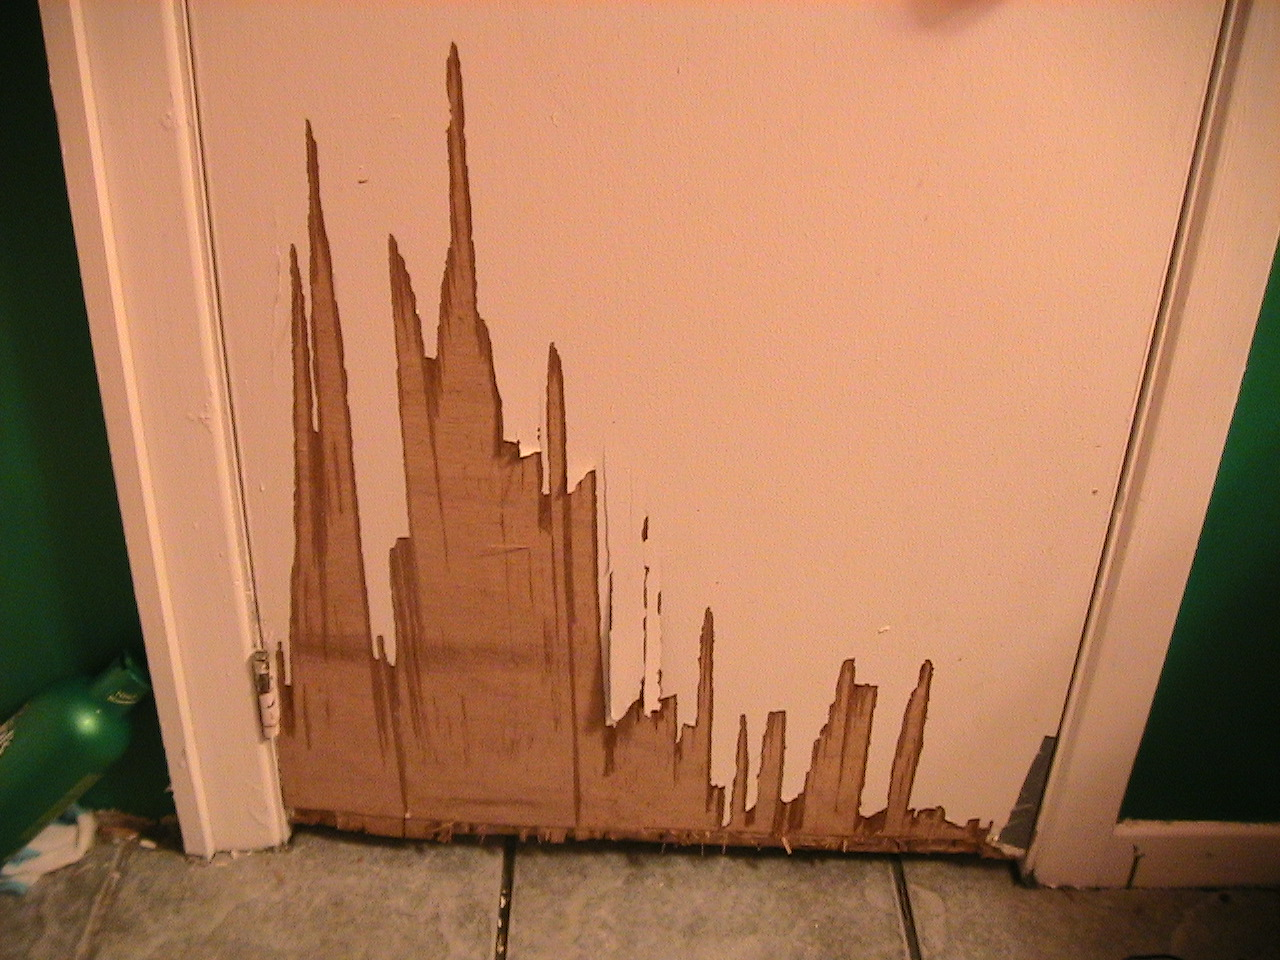 Comment reparer un porte grug e par un chiot - Comment accrocher un porte jarretelle ...